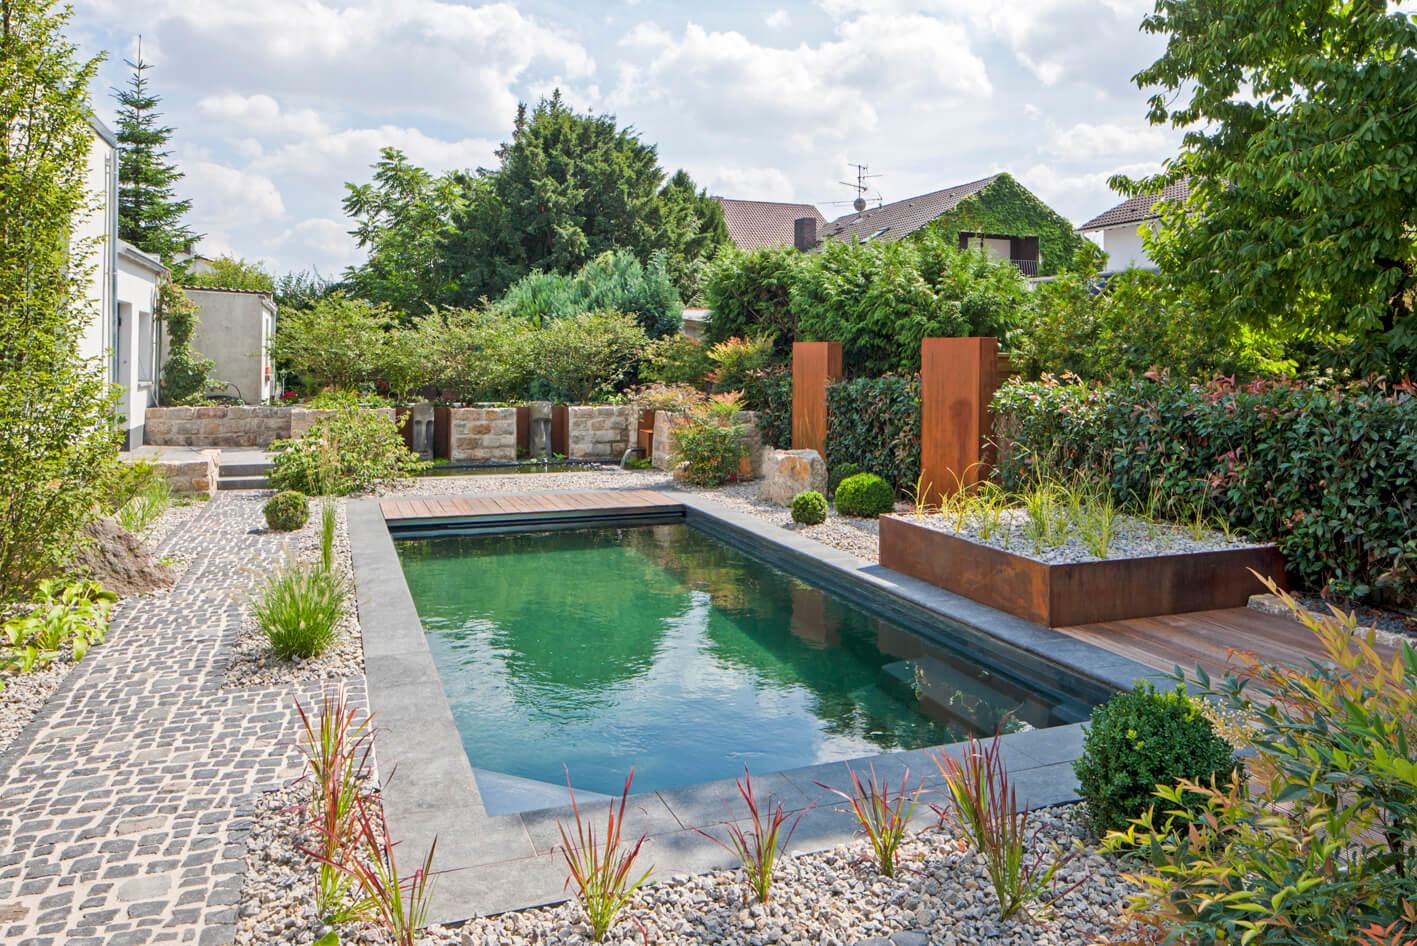 Fertigbecken gartenbau gartenplanung landschaftsbau for Garten pool chlor